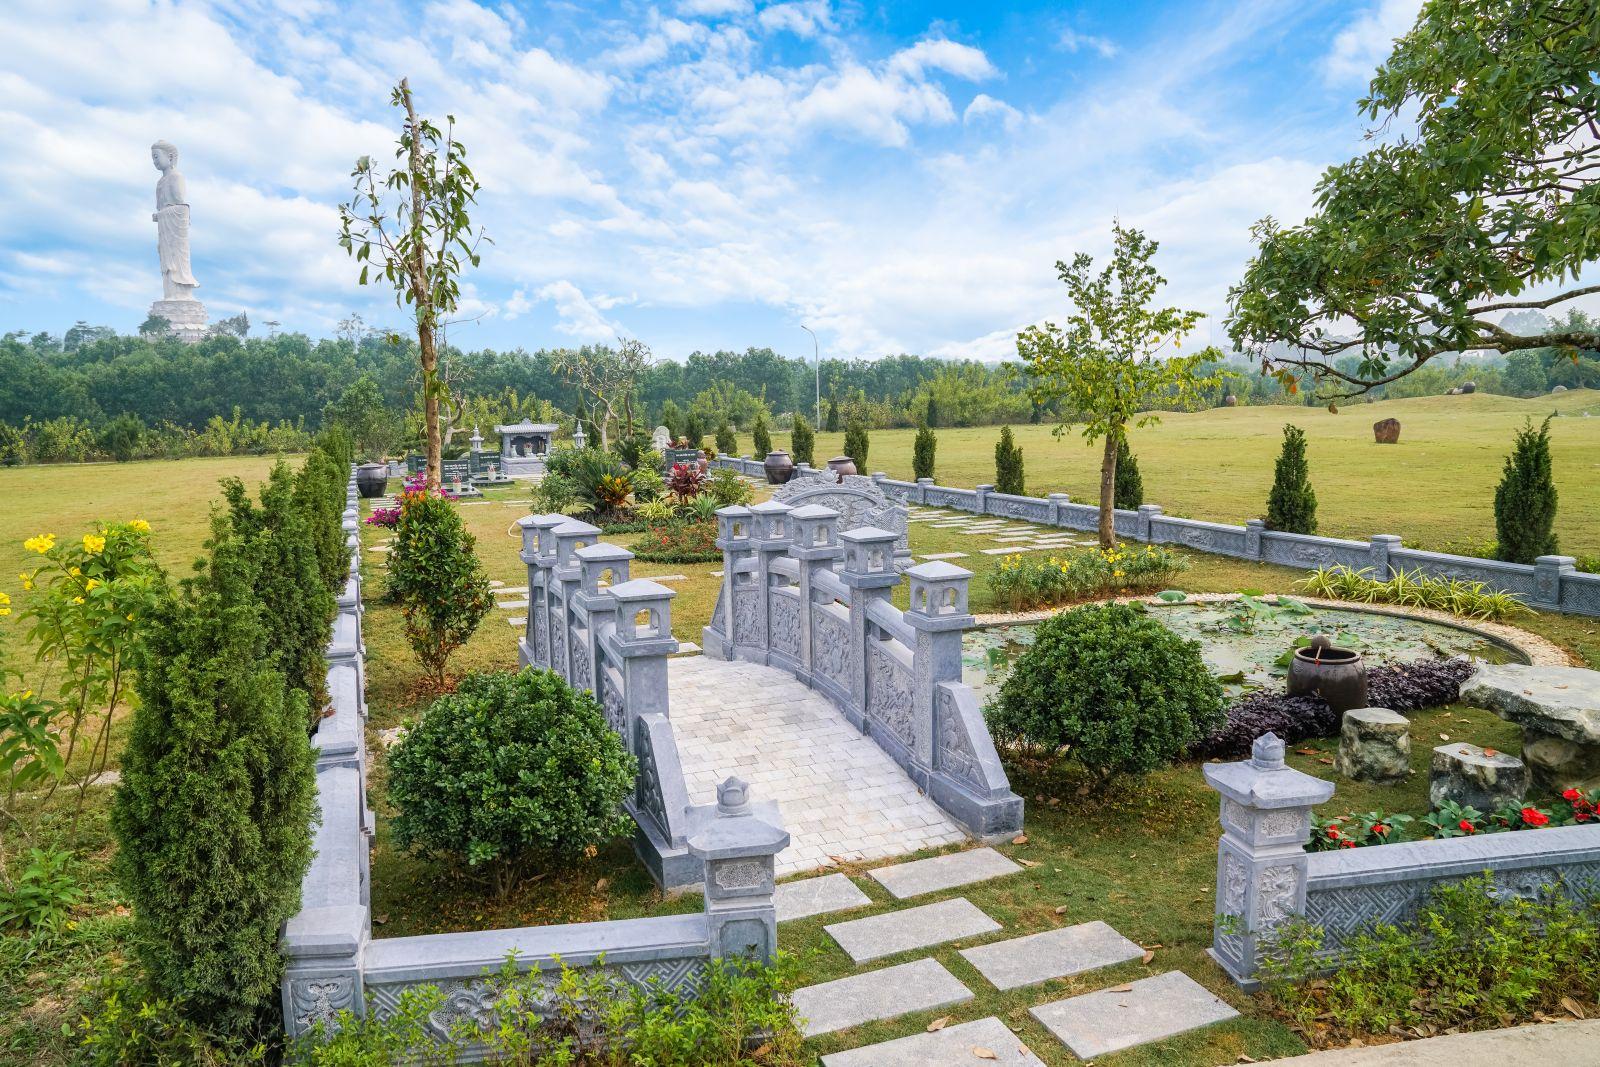 Tảo mộ cuối năm tại công viên Thiên Đức Vĩnh Hằng Viên